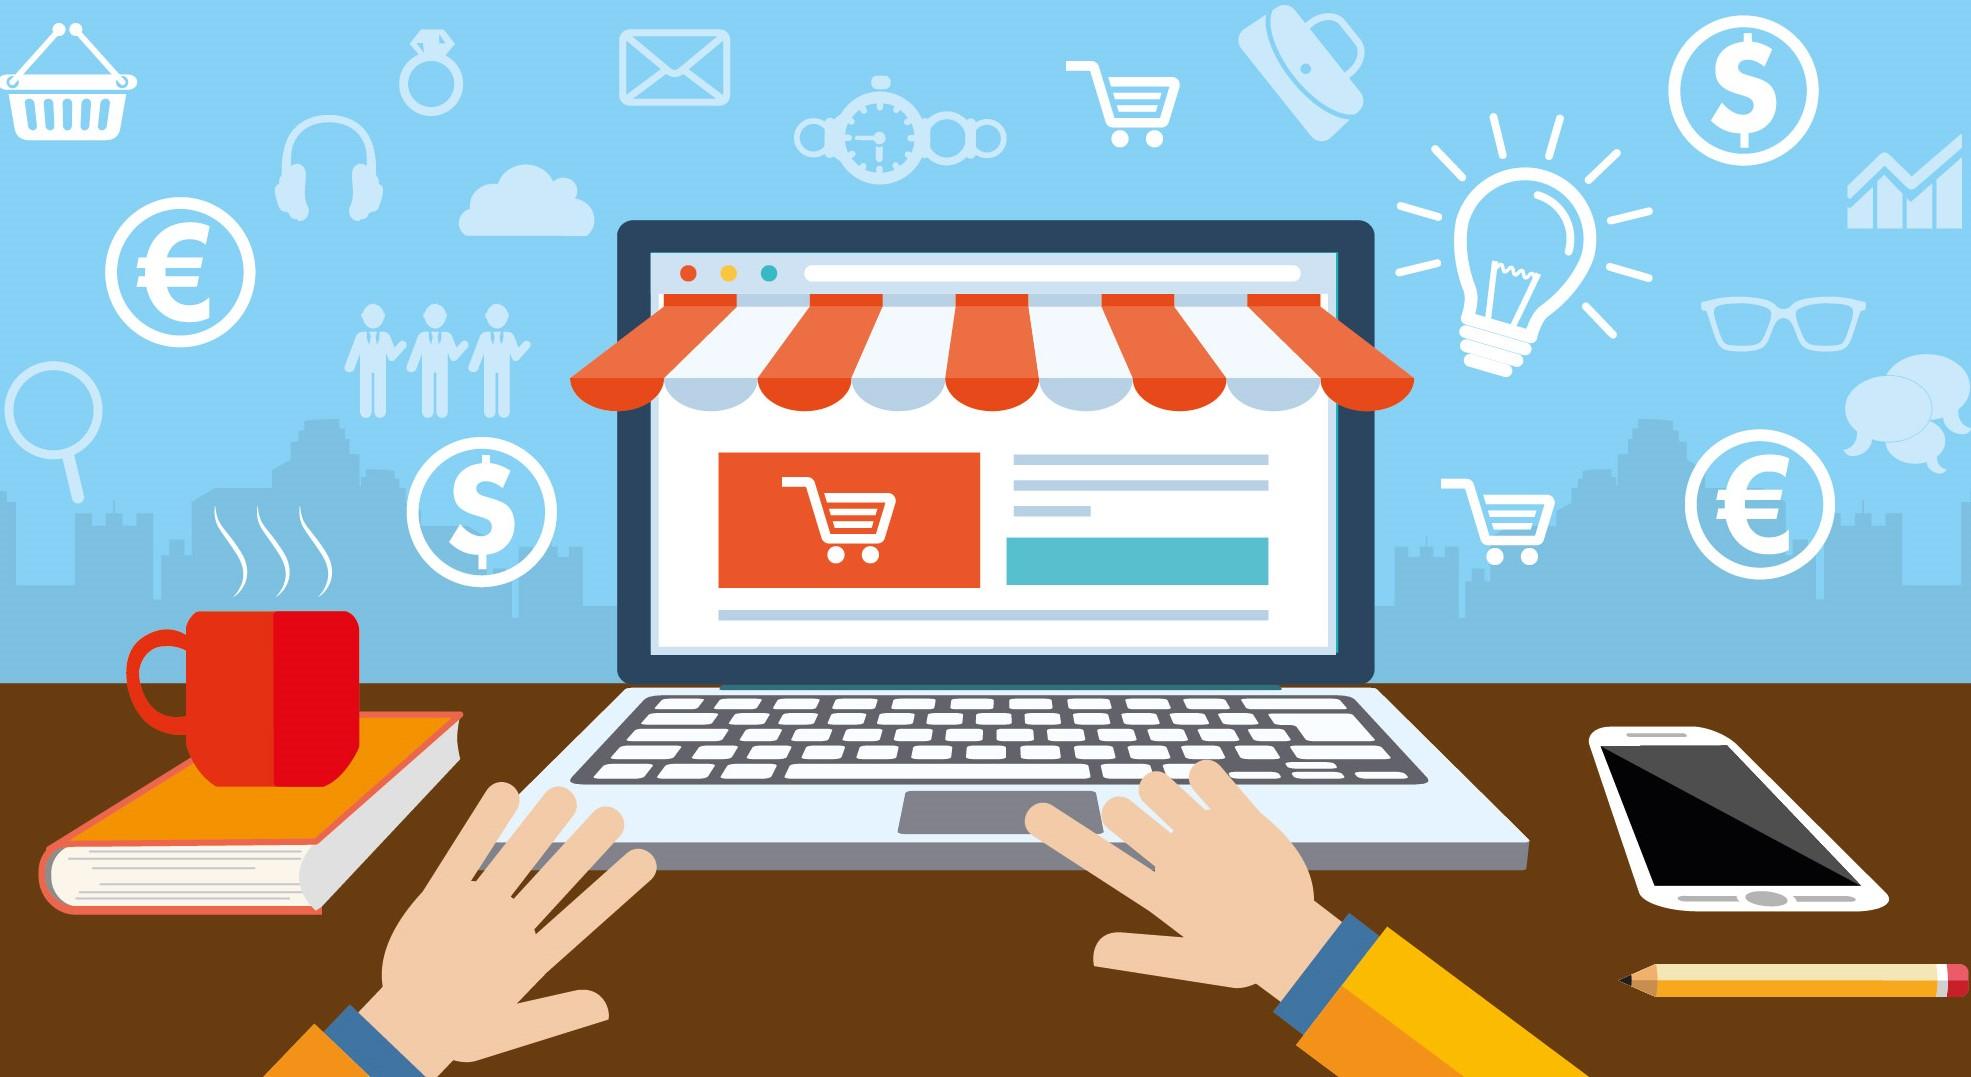 Kinh nghiệm kinh doanh online hiệu quả